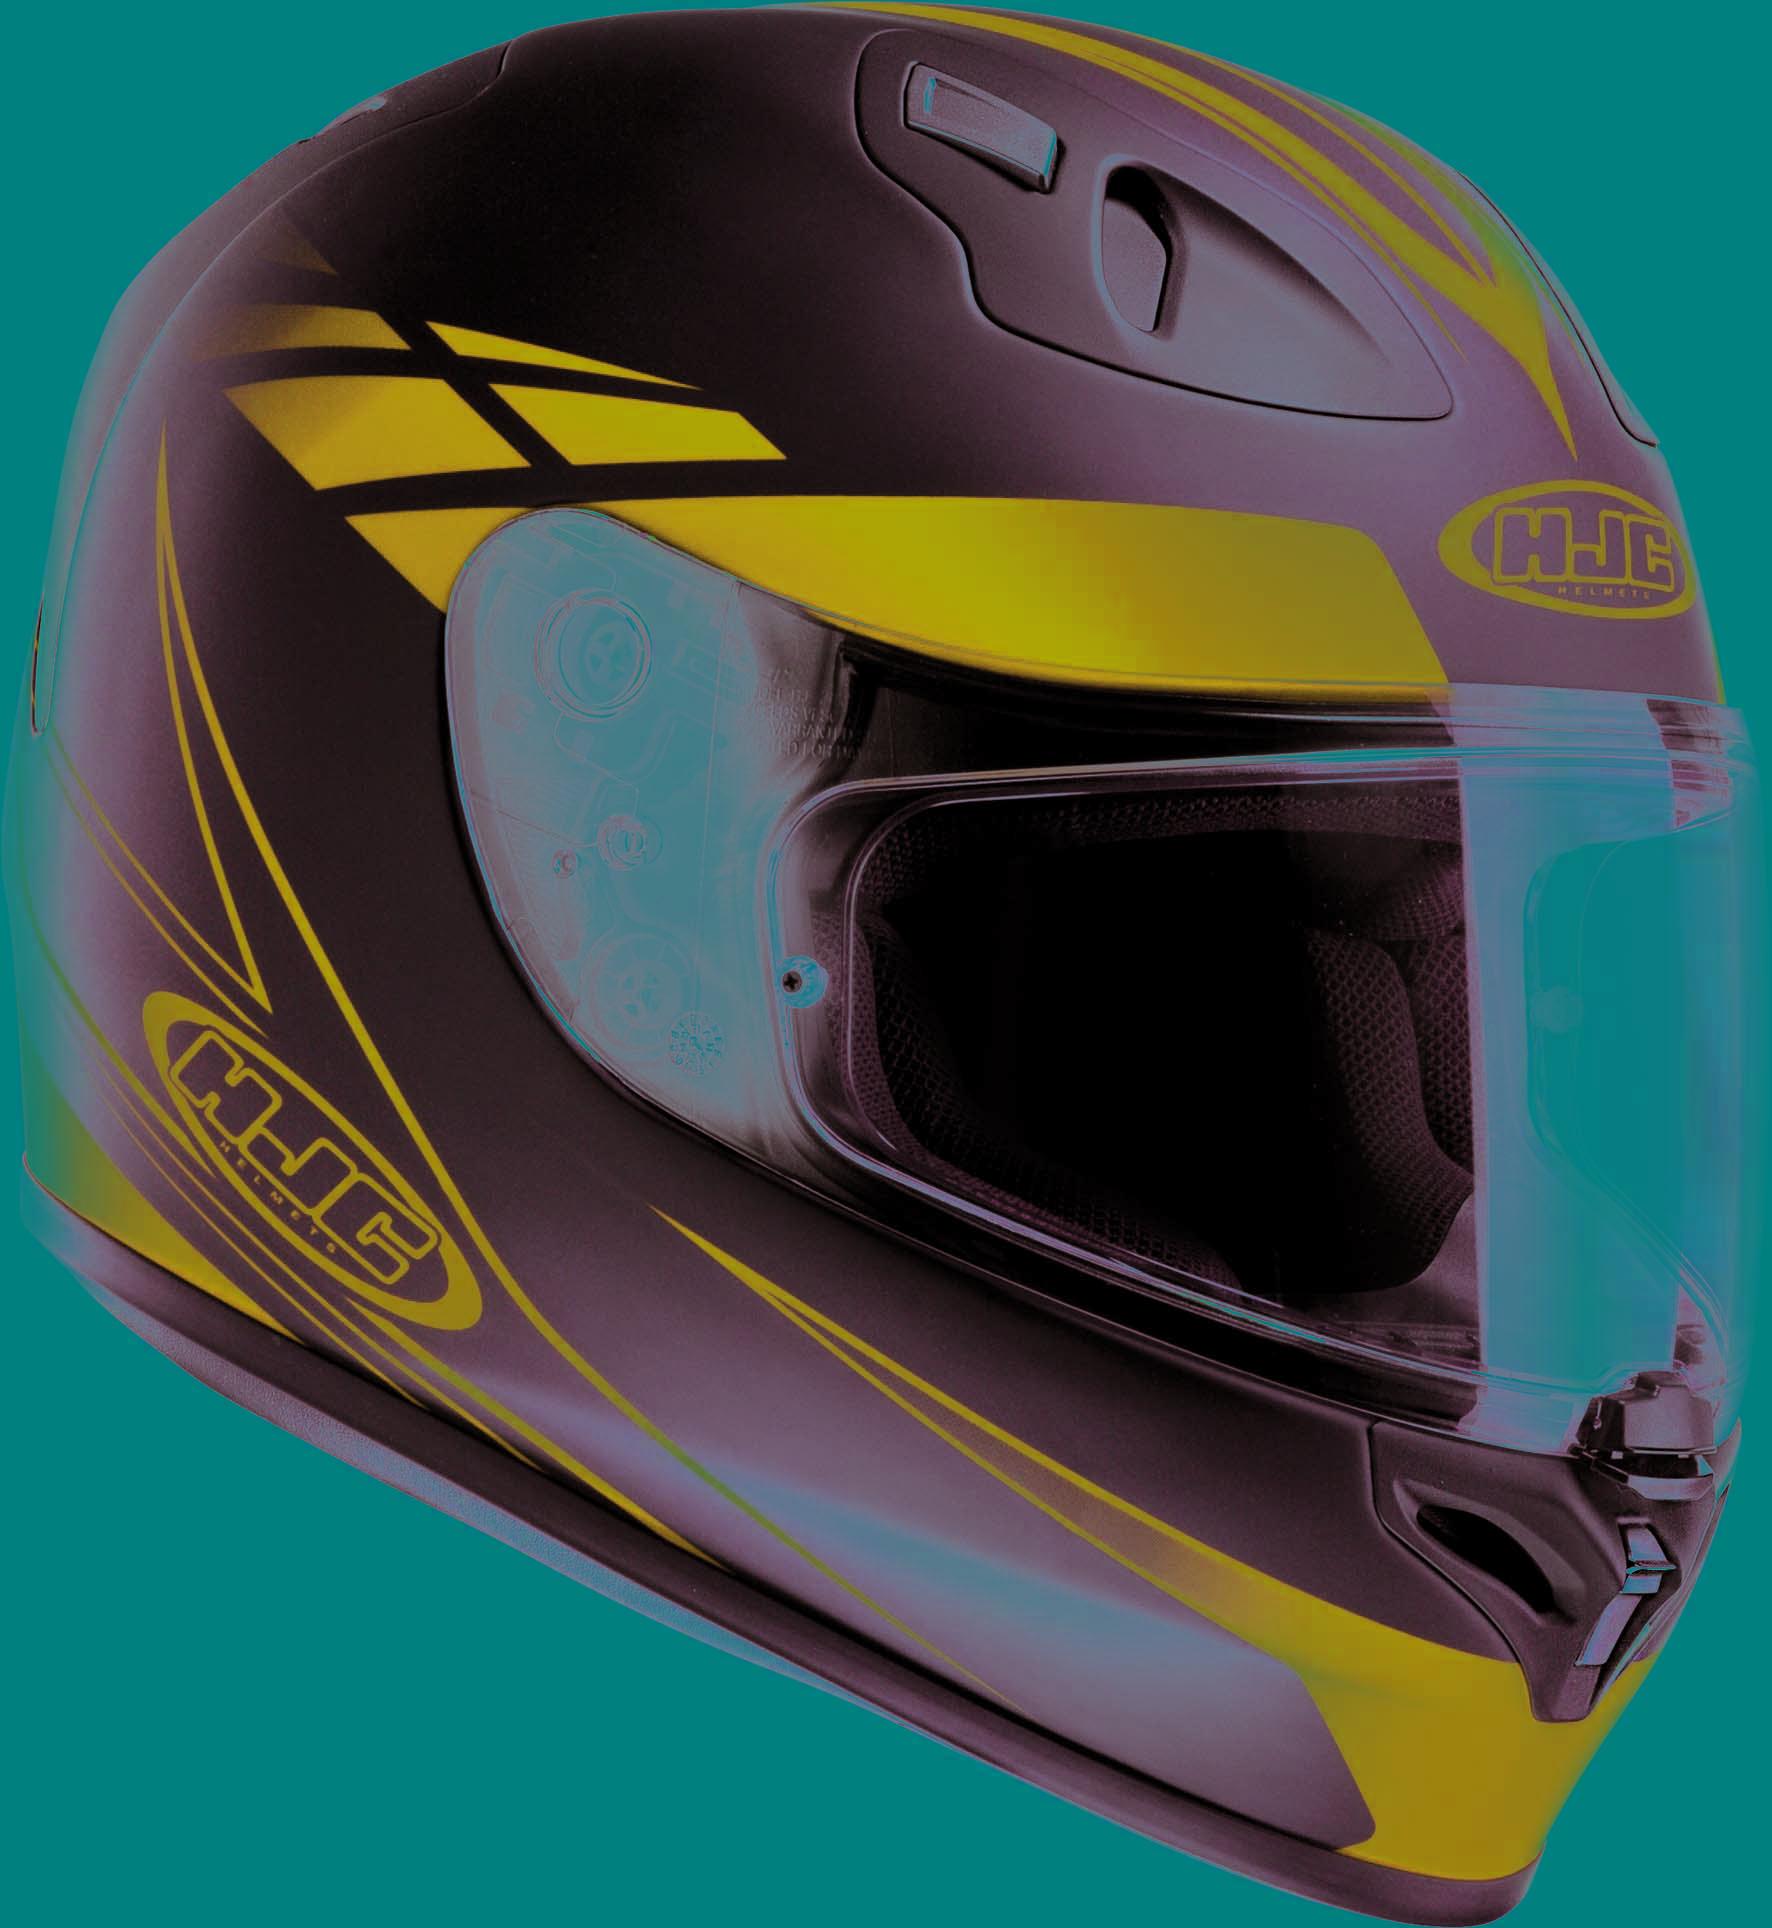 Casque moto : testé et approuvé !